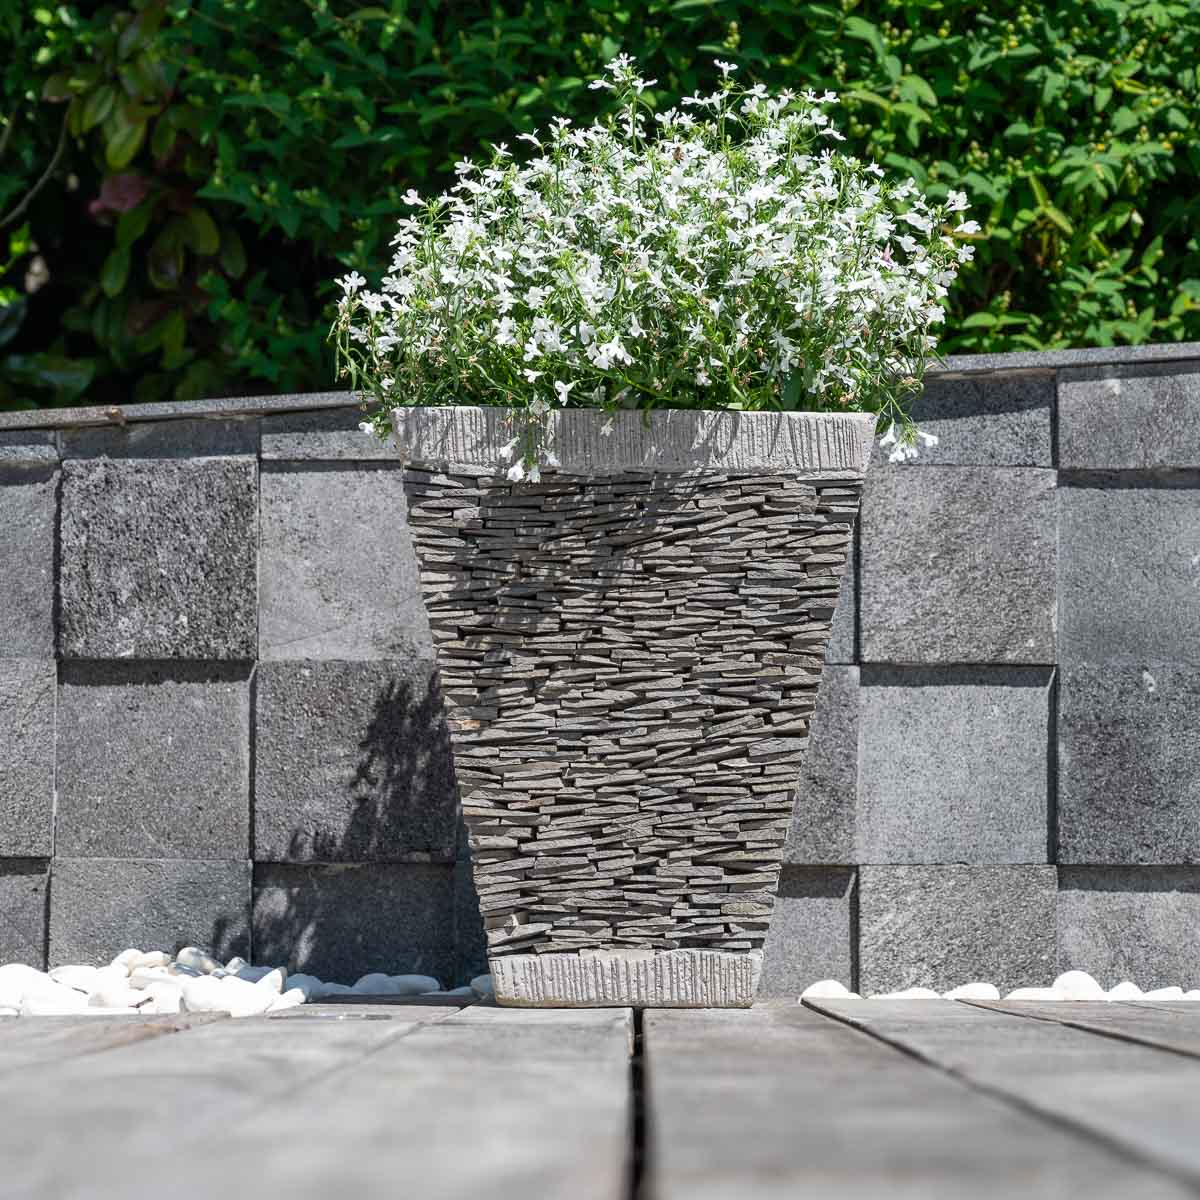 Pot bac jardini re carr ardoise hauteur 50cm pierre naturelle for Jardiniere hauteur 1 metre